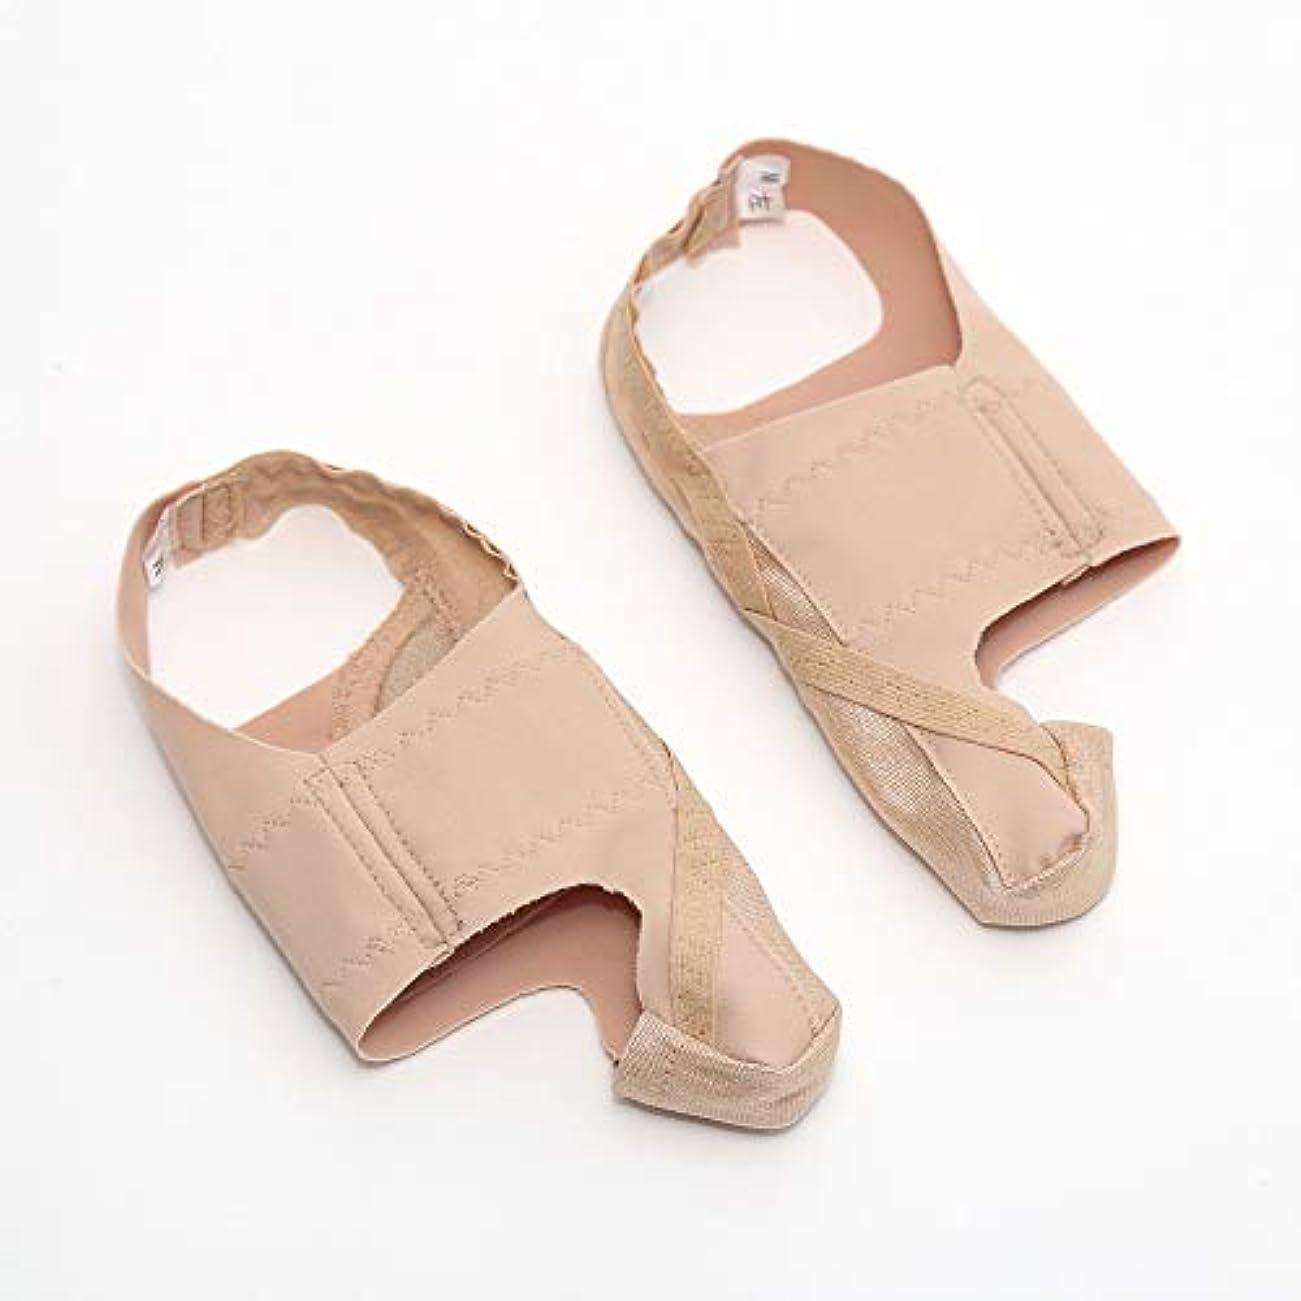 配列敬礼リンケージ靴も履けるんデス EX Mサイズ コエンザイムQ10 美容エッセンスマスク付セット